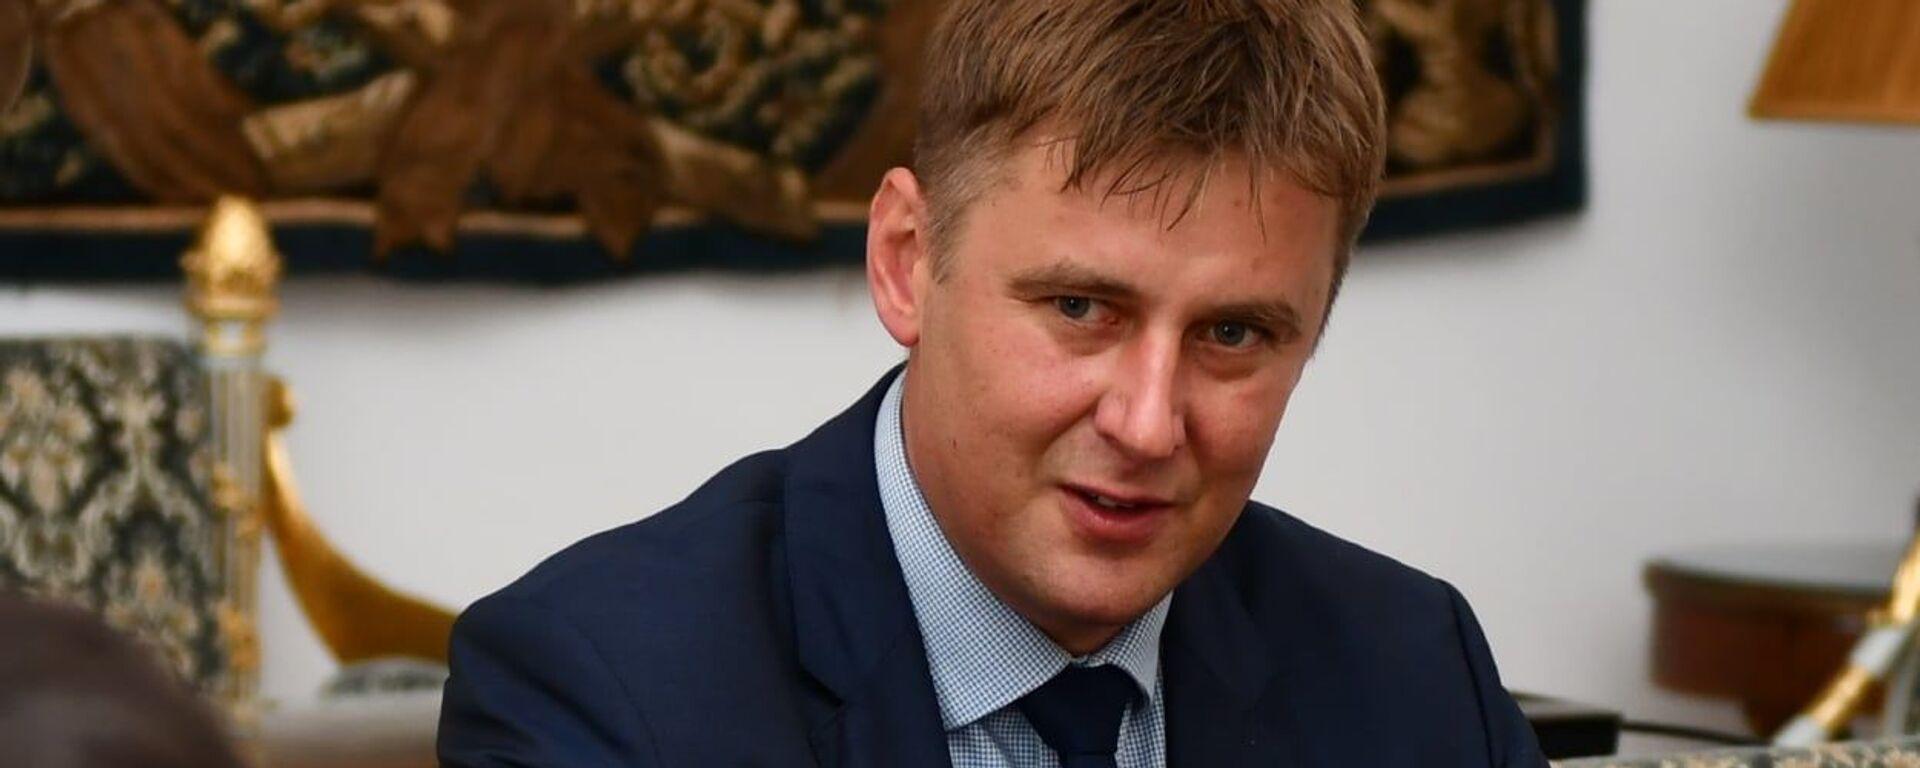 Bývalý ministr zahraničí Tomáš Petříček - Sputnik Česká republika, 1920, 16.06.2021